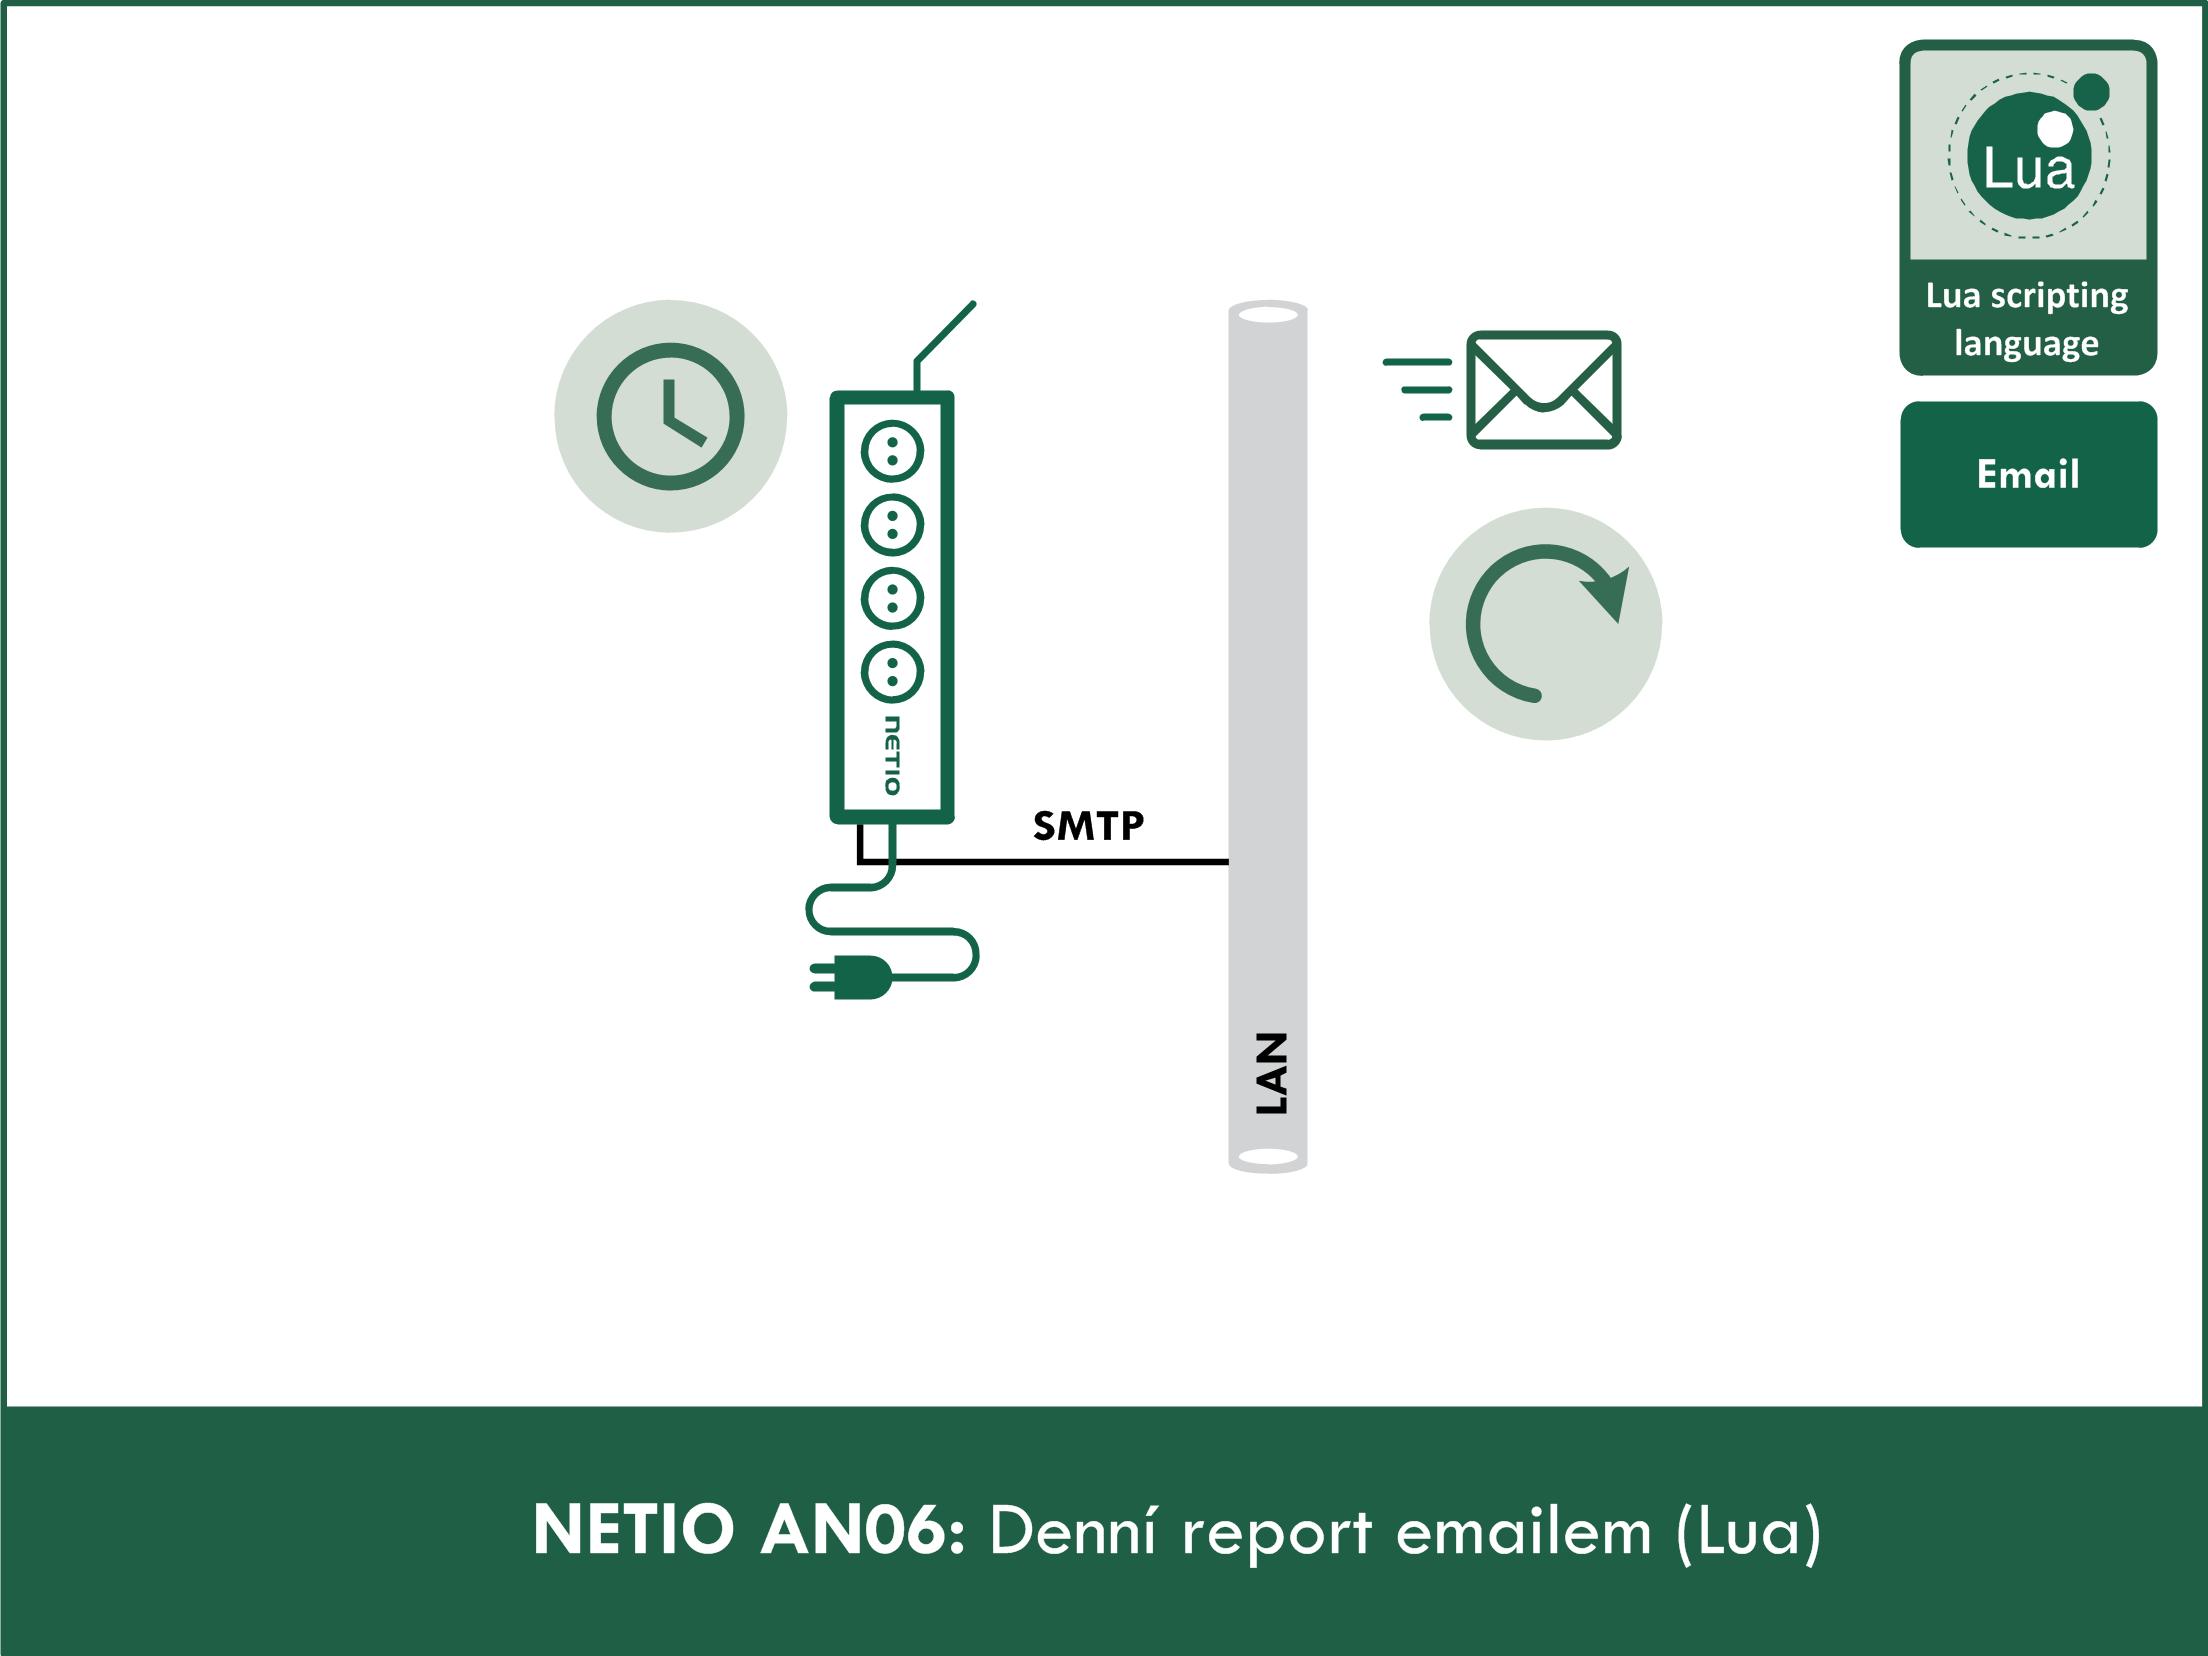 Přehled spotřebované energie - denní report emailem